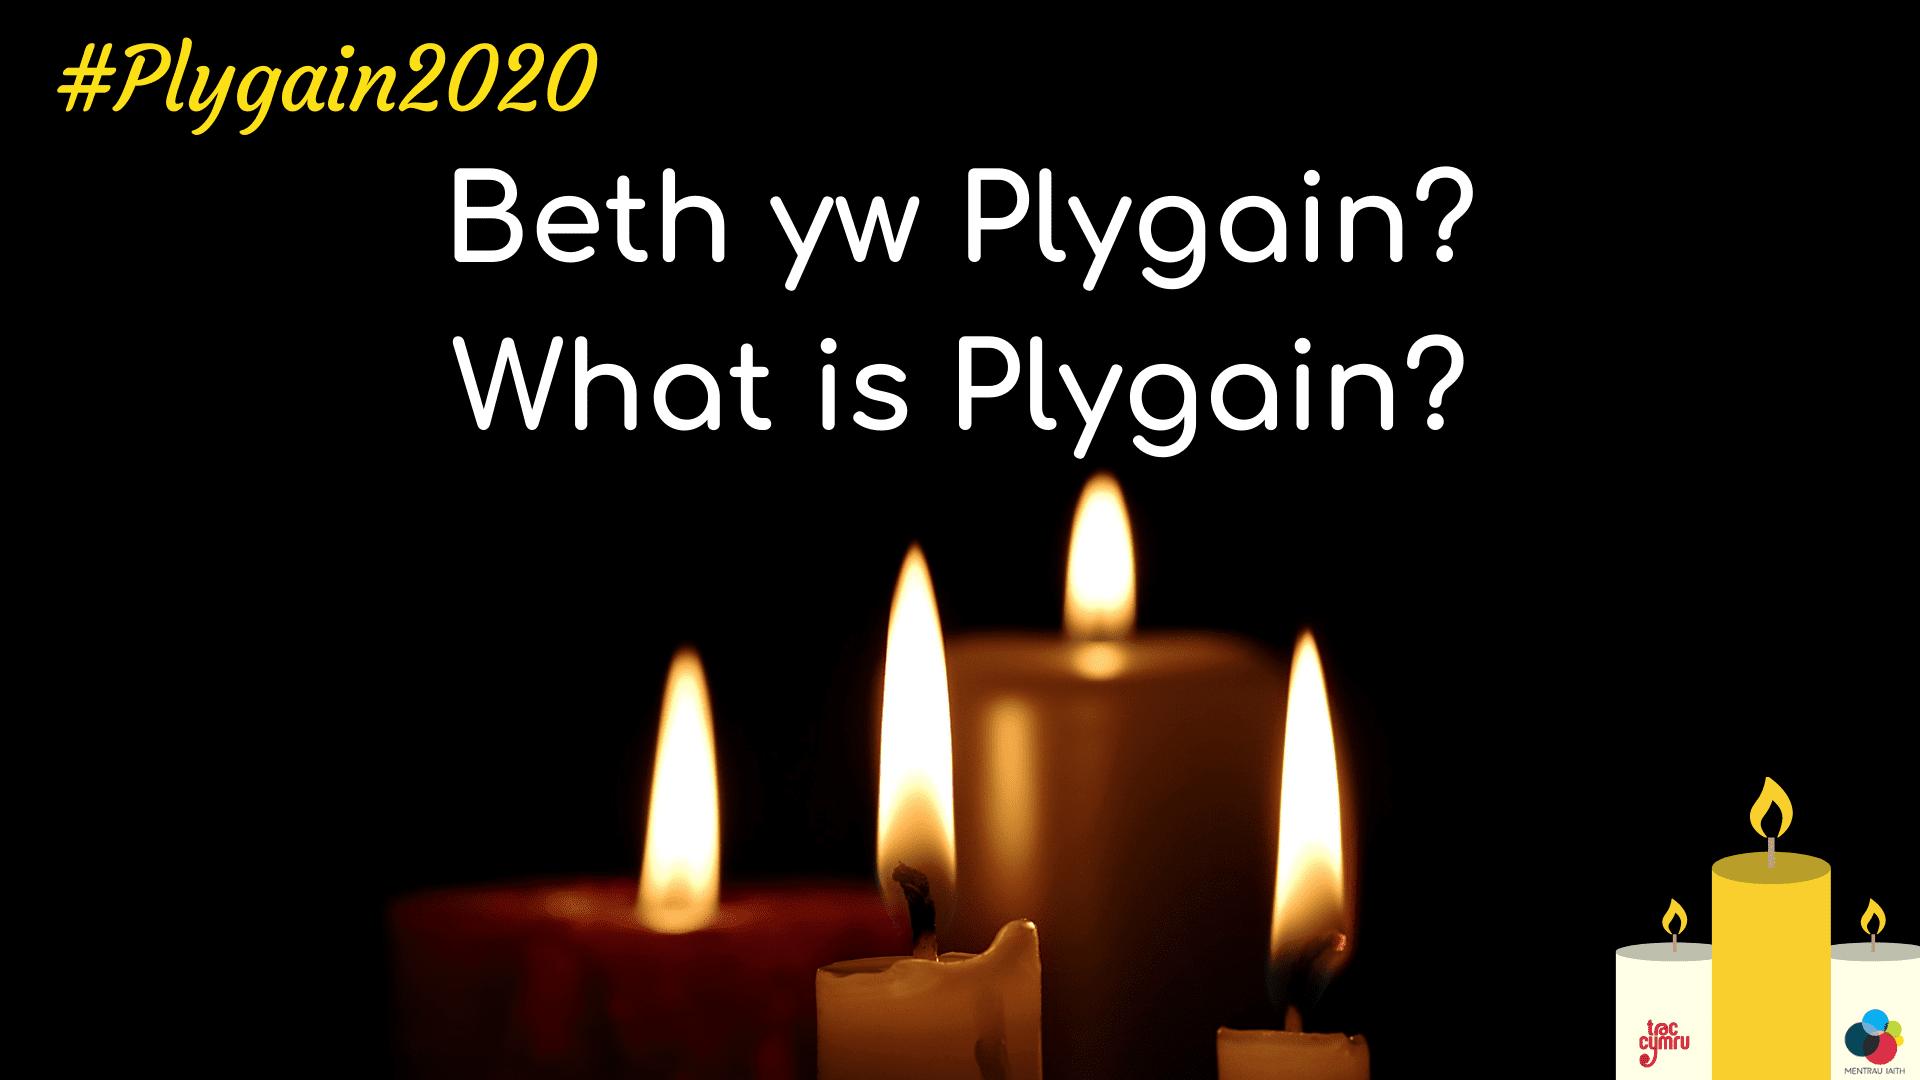 Cynnal y Blygain Rithiol Cyntaf Erioed